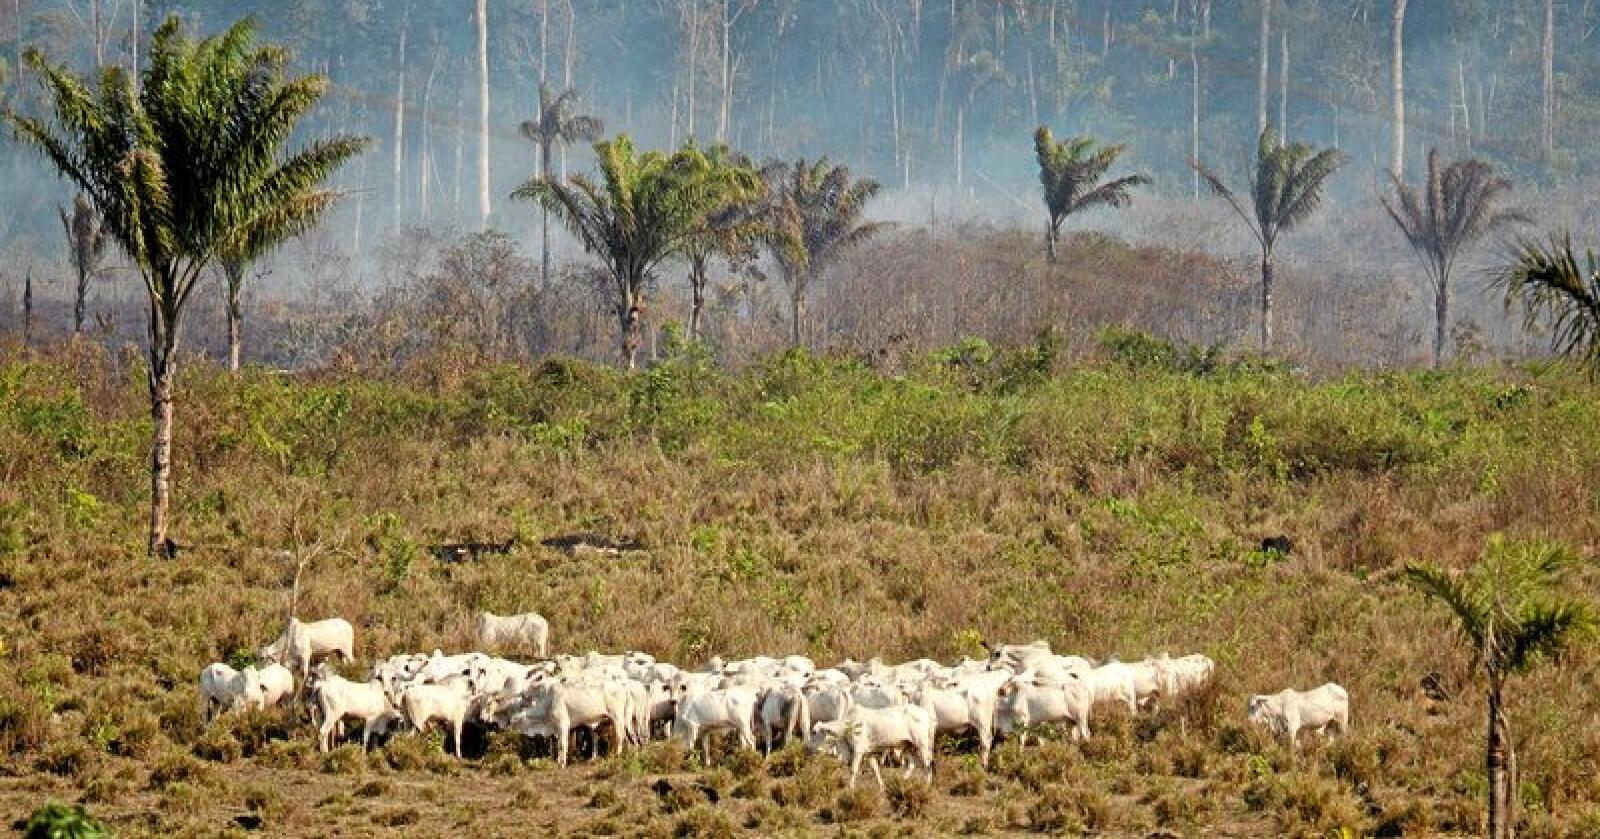 Økt import av kjøtt fra kyr i Brasil kan gi økte klimautslipp. Foto: AP Photo / Leo Correa / NTB Scanpix